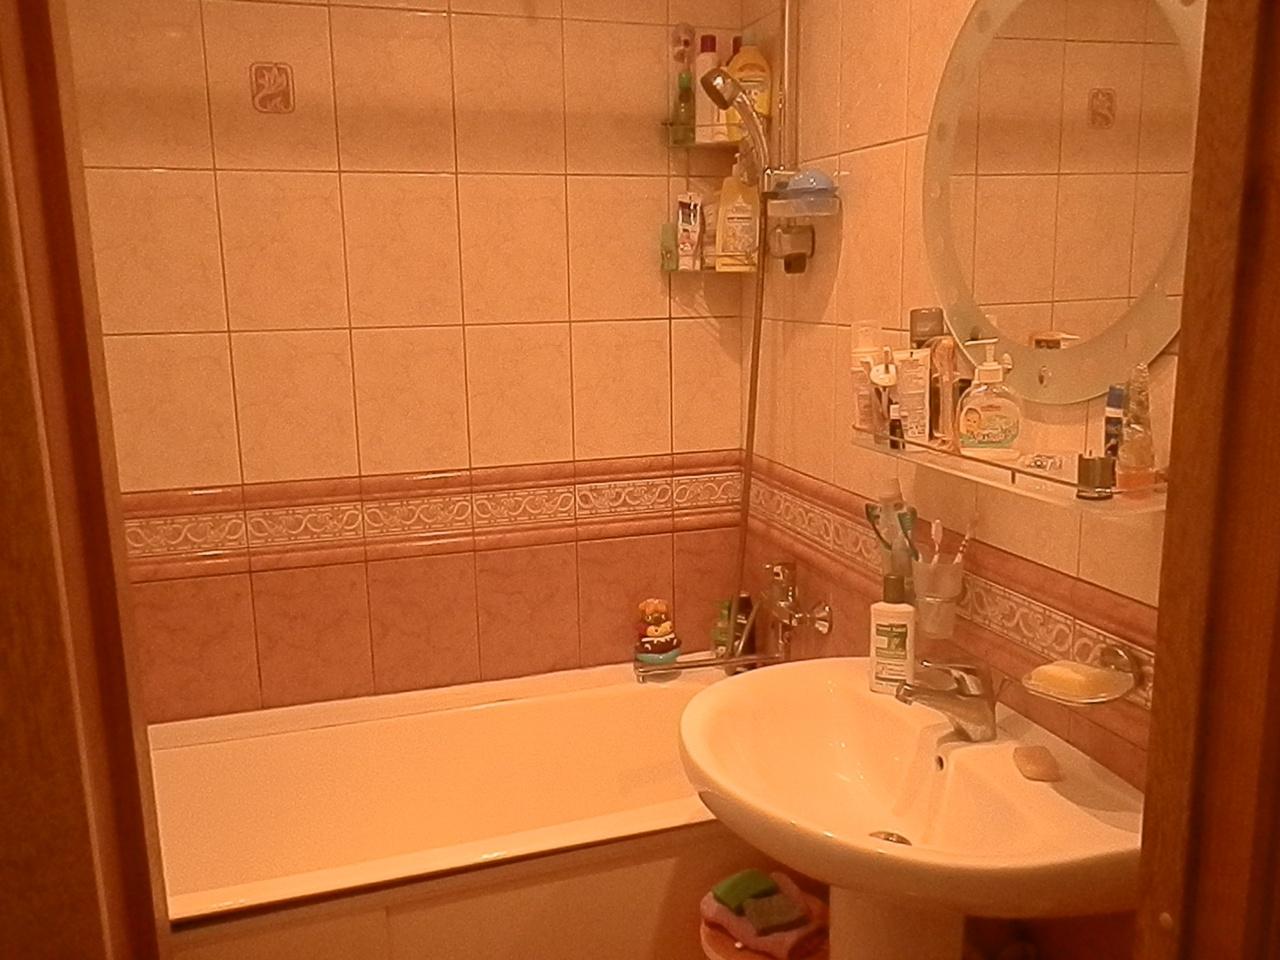 Продается 3-ком.квартира метро Перова ул. Плеханова дом 29к1